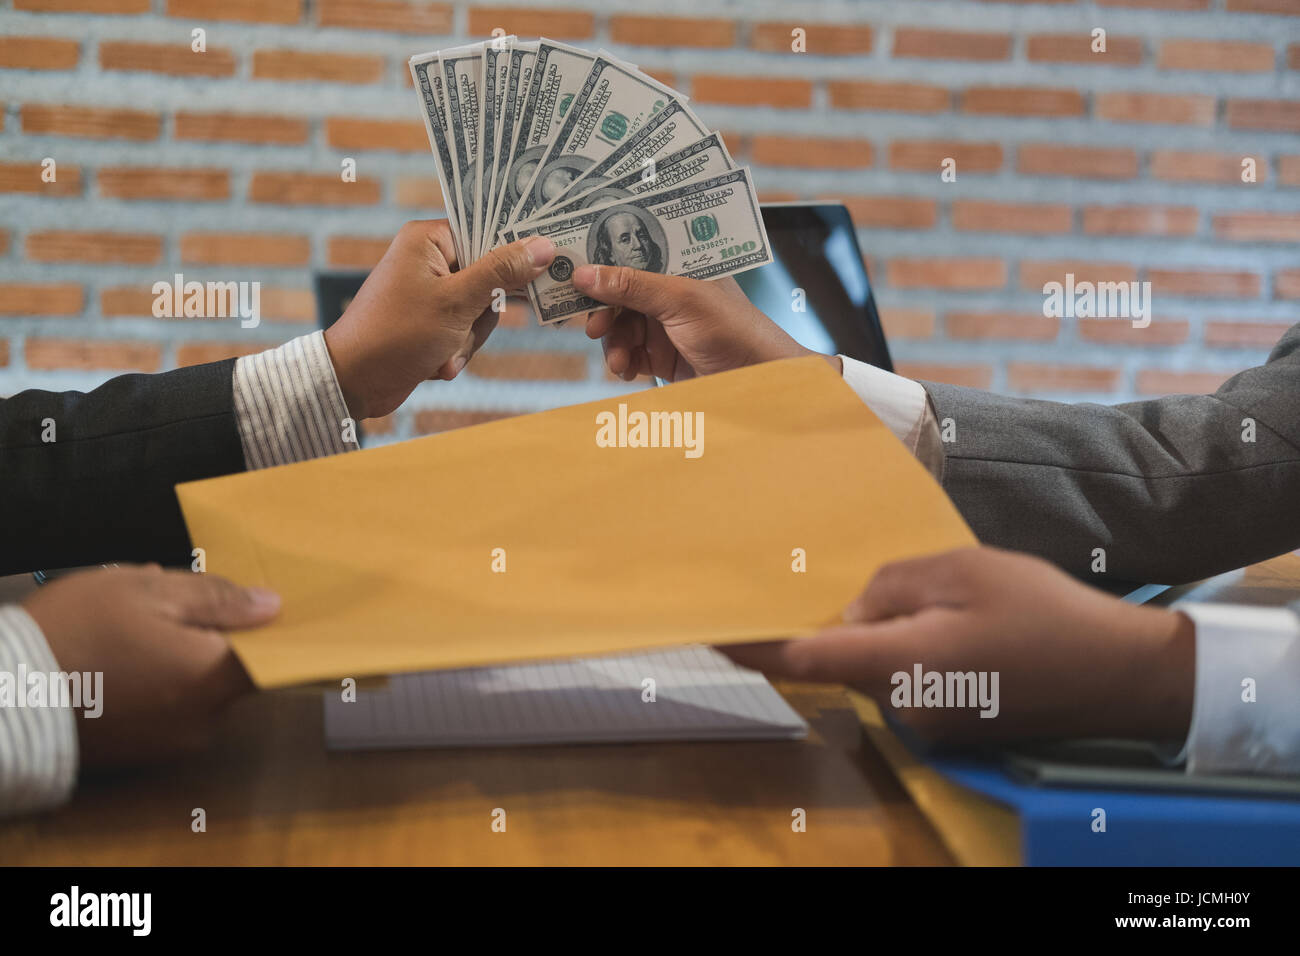 Geschäftsmann Empfangenden Umschlag Mit Geld Ein Mann Verleiht